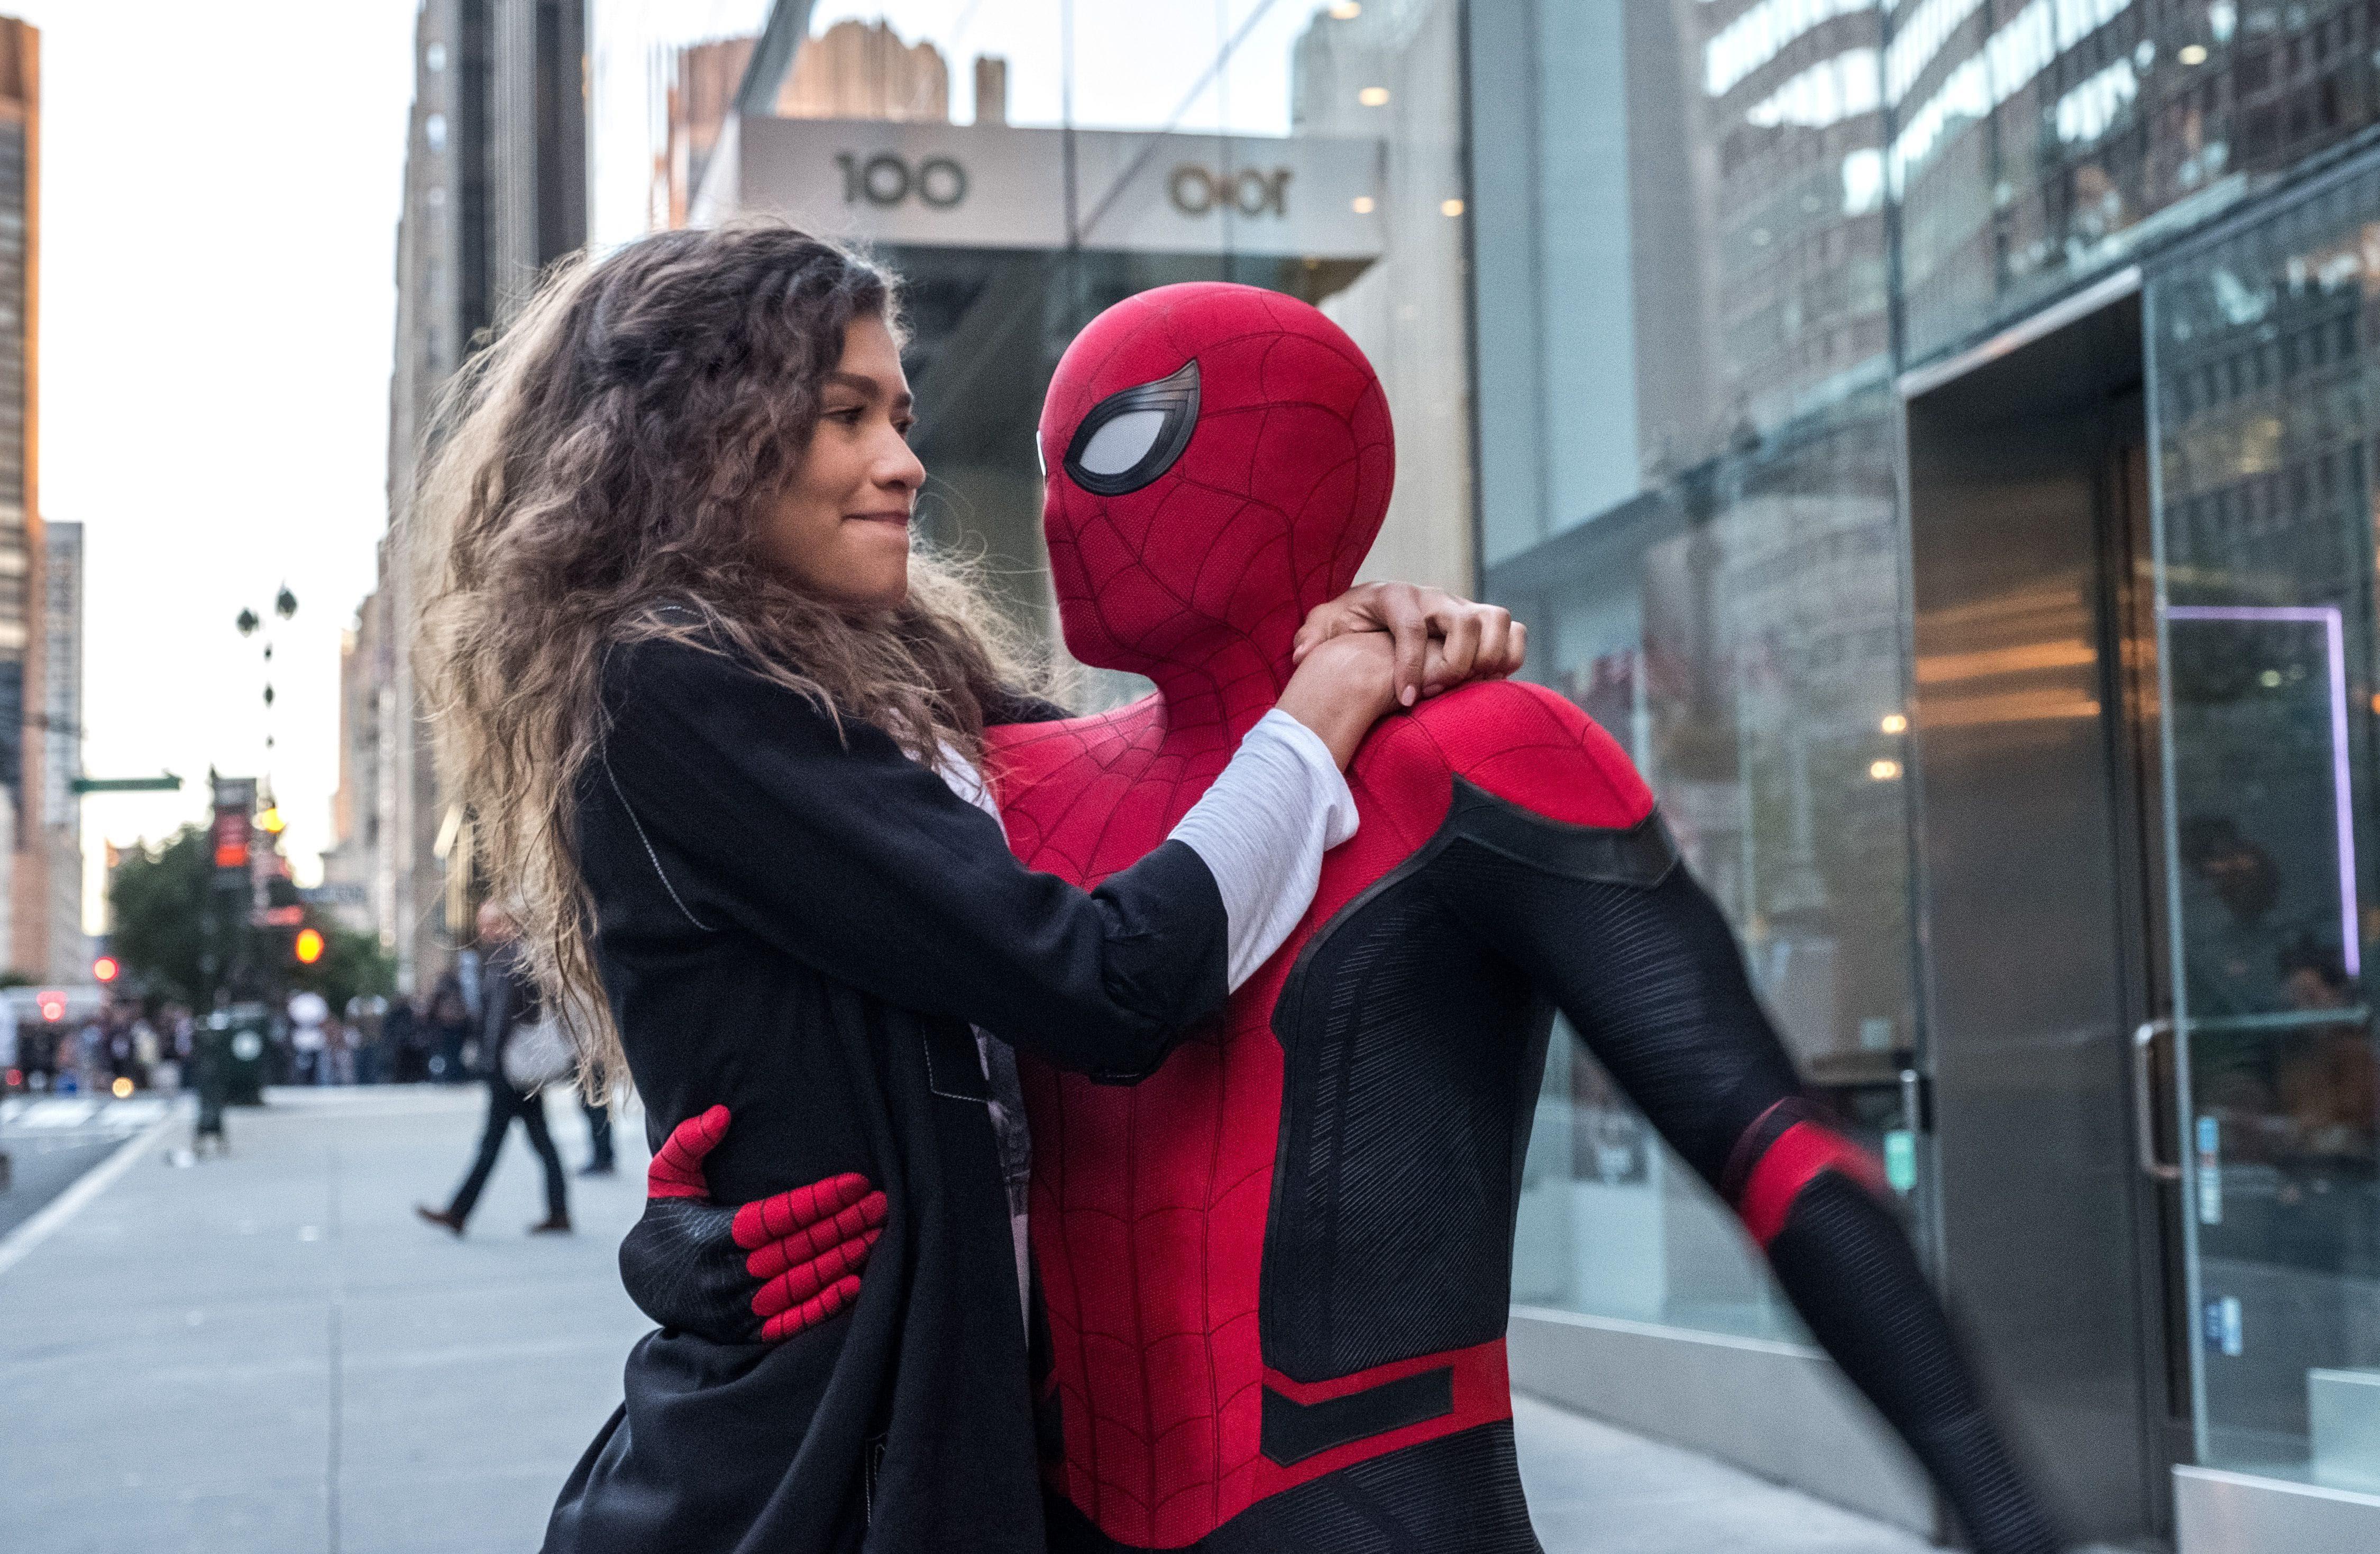 Spider-Man: Far From Home's New Trailer Coming Soon :「アベンジャーズ : エンドゲーム」を先に観ておいた方が面白いに違いない「スパイダーマン : ファー・フロム・ホーム」が、近日中に新しい予告編をリリース ! !